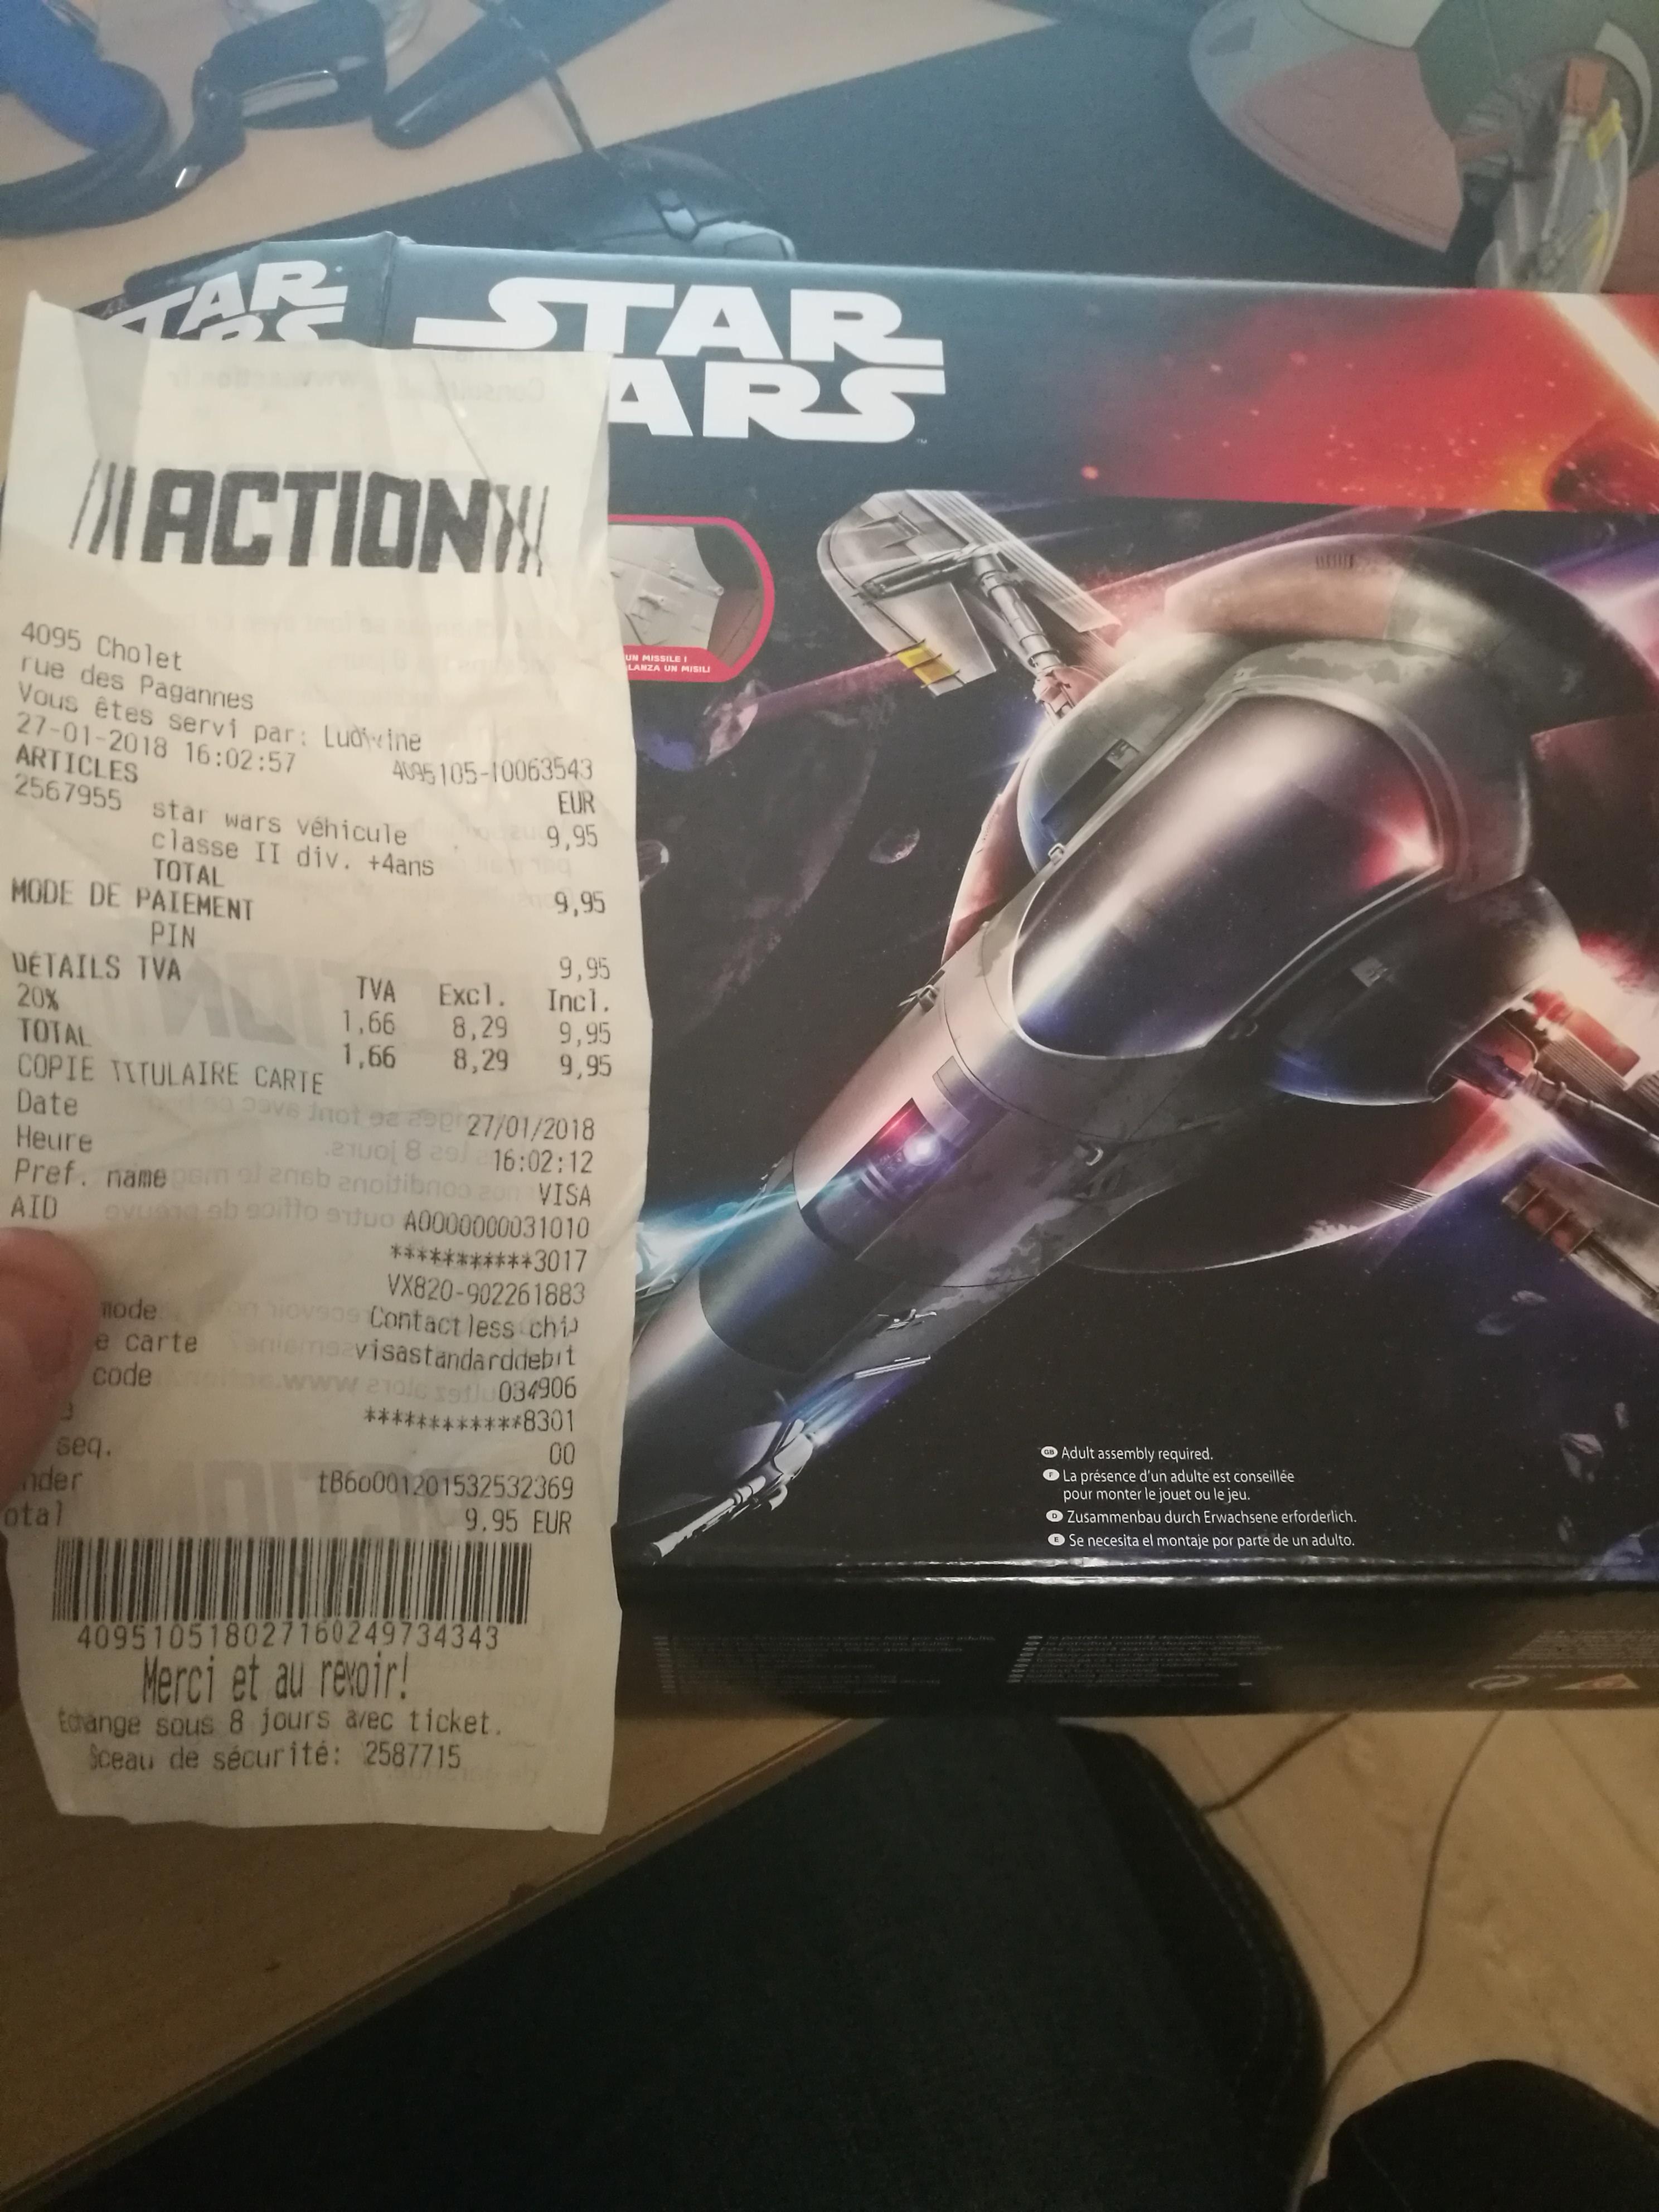 Vaisseaux Star Wars - Action Cholet (49)